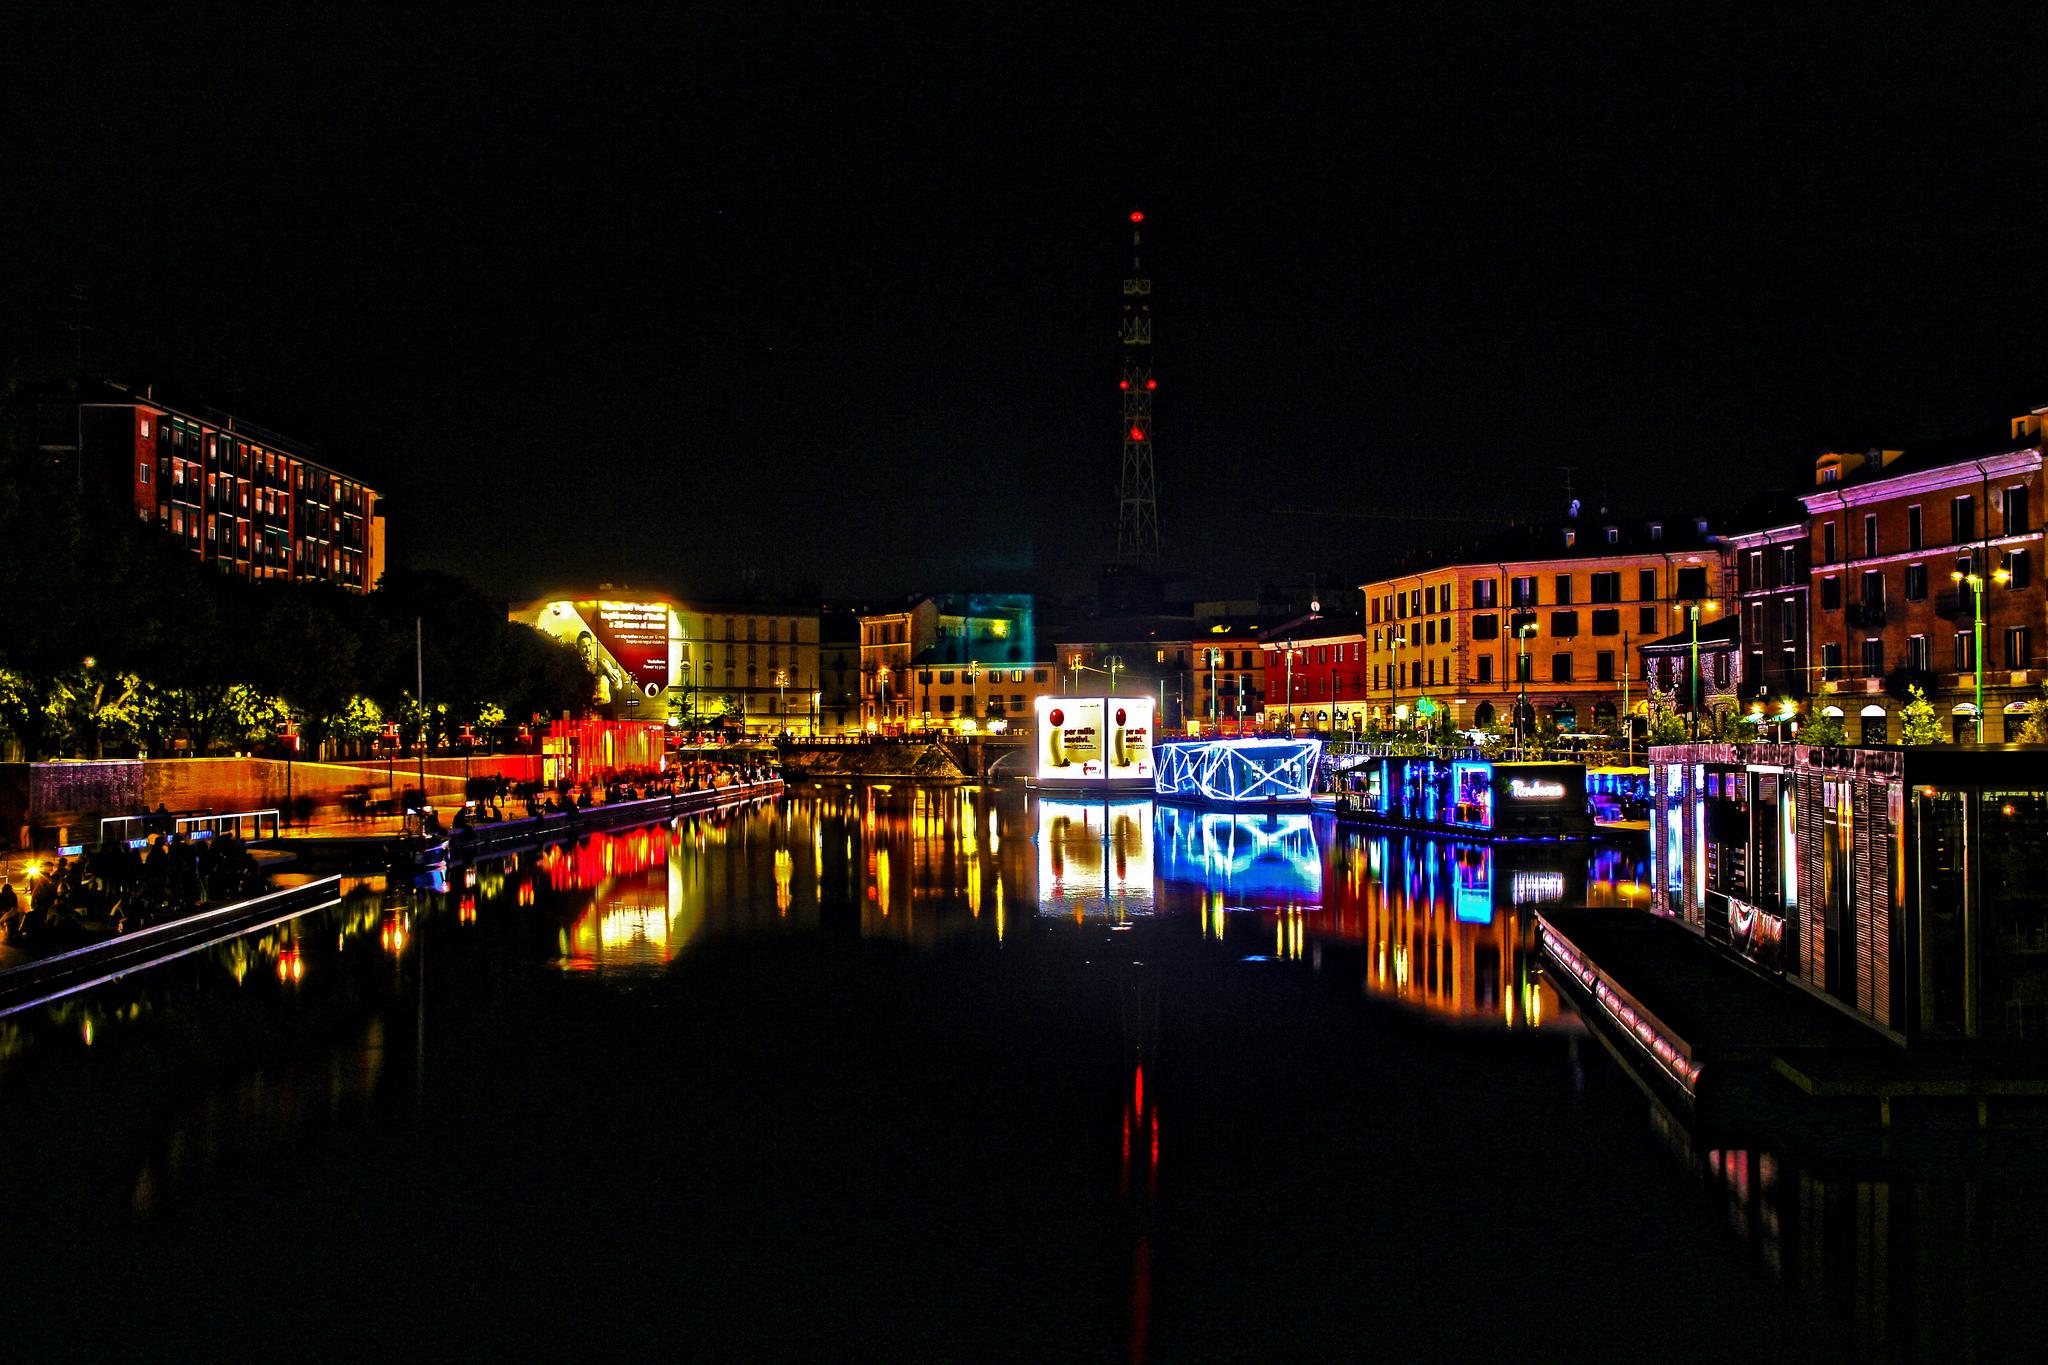 Milan - The dock at night...